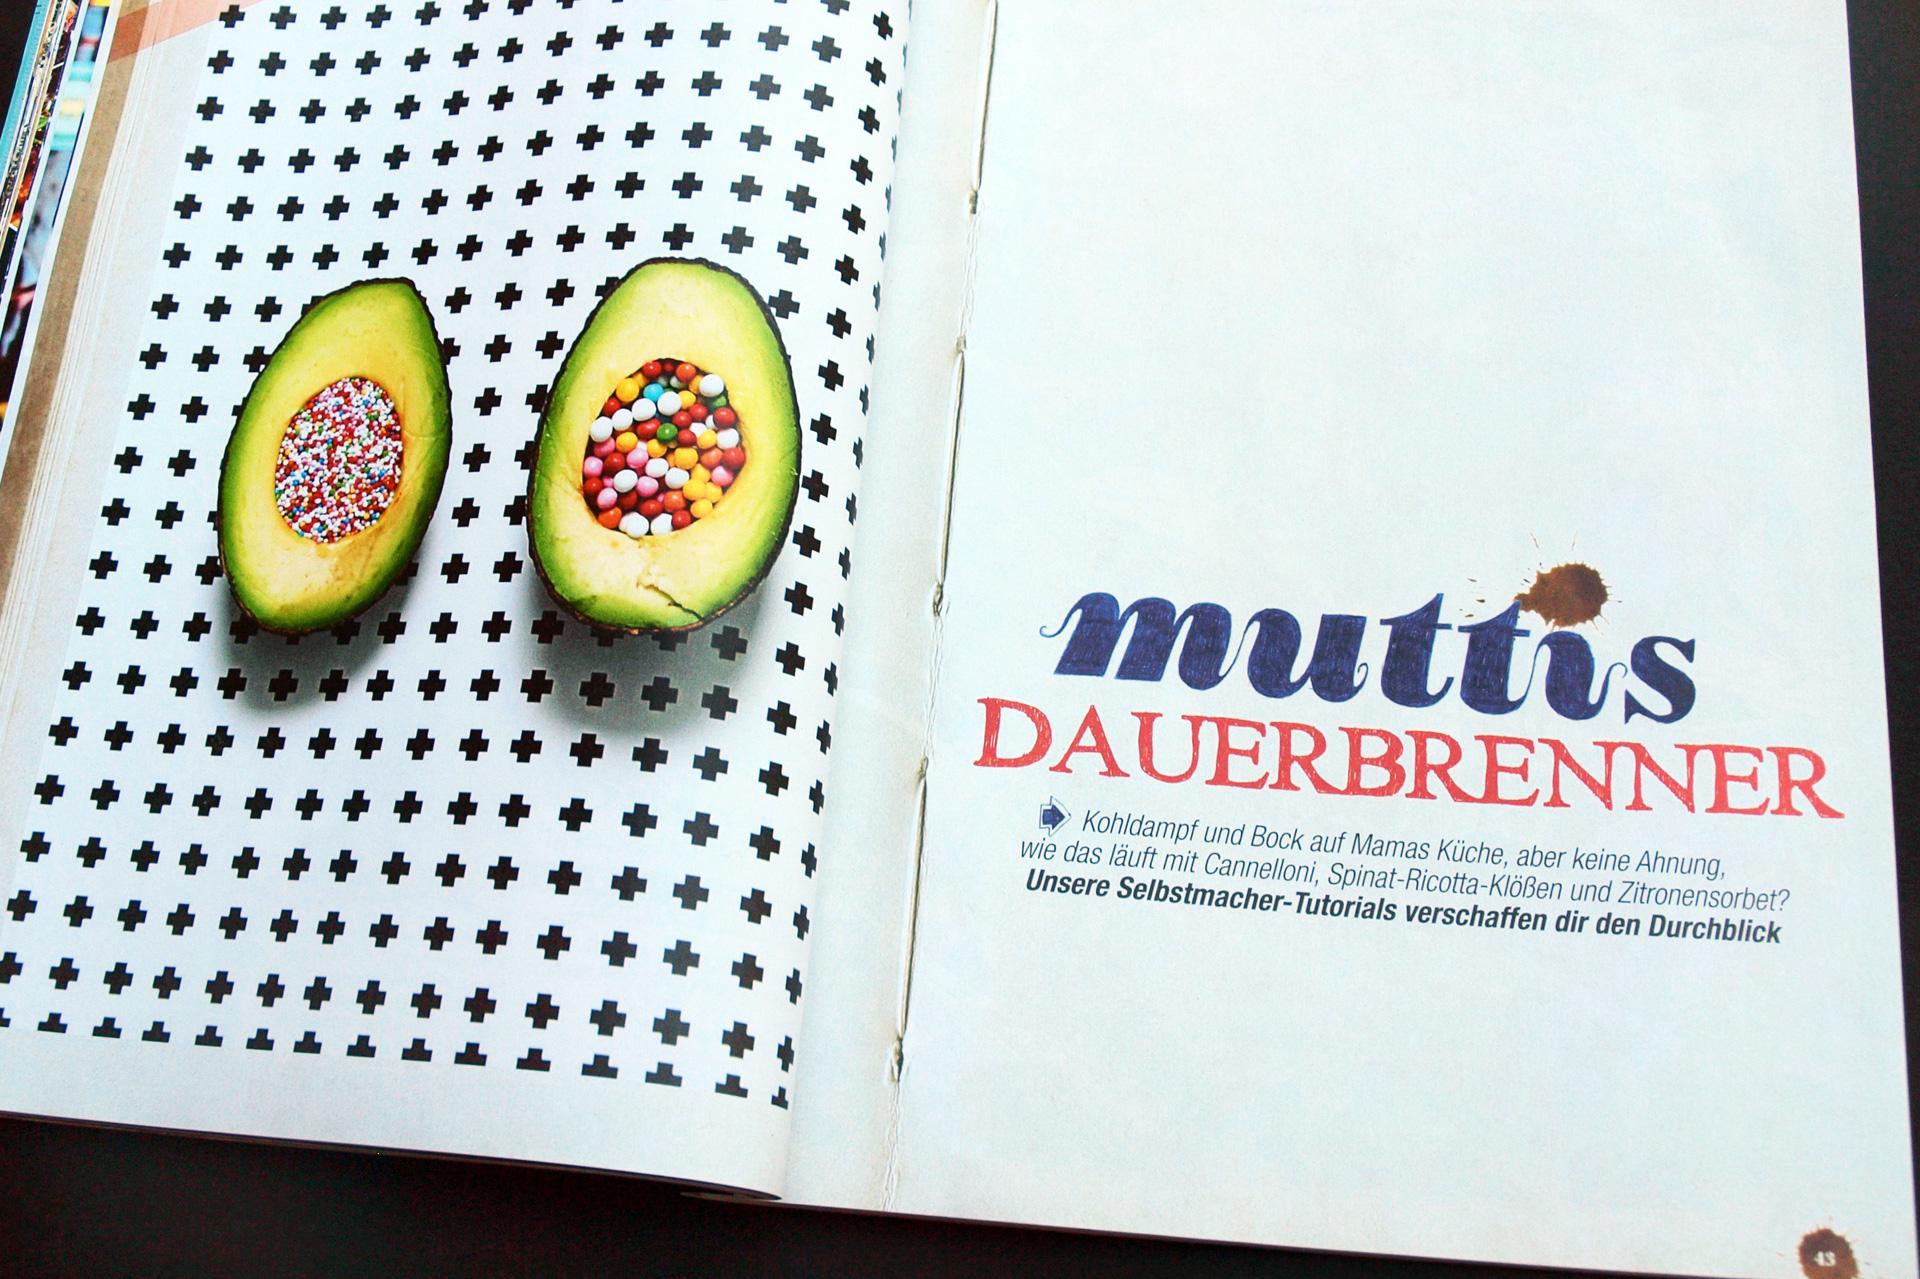 buchstabenplus_mutti_dauerbrenner